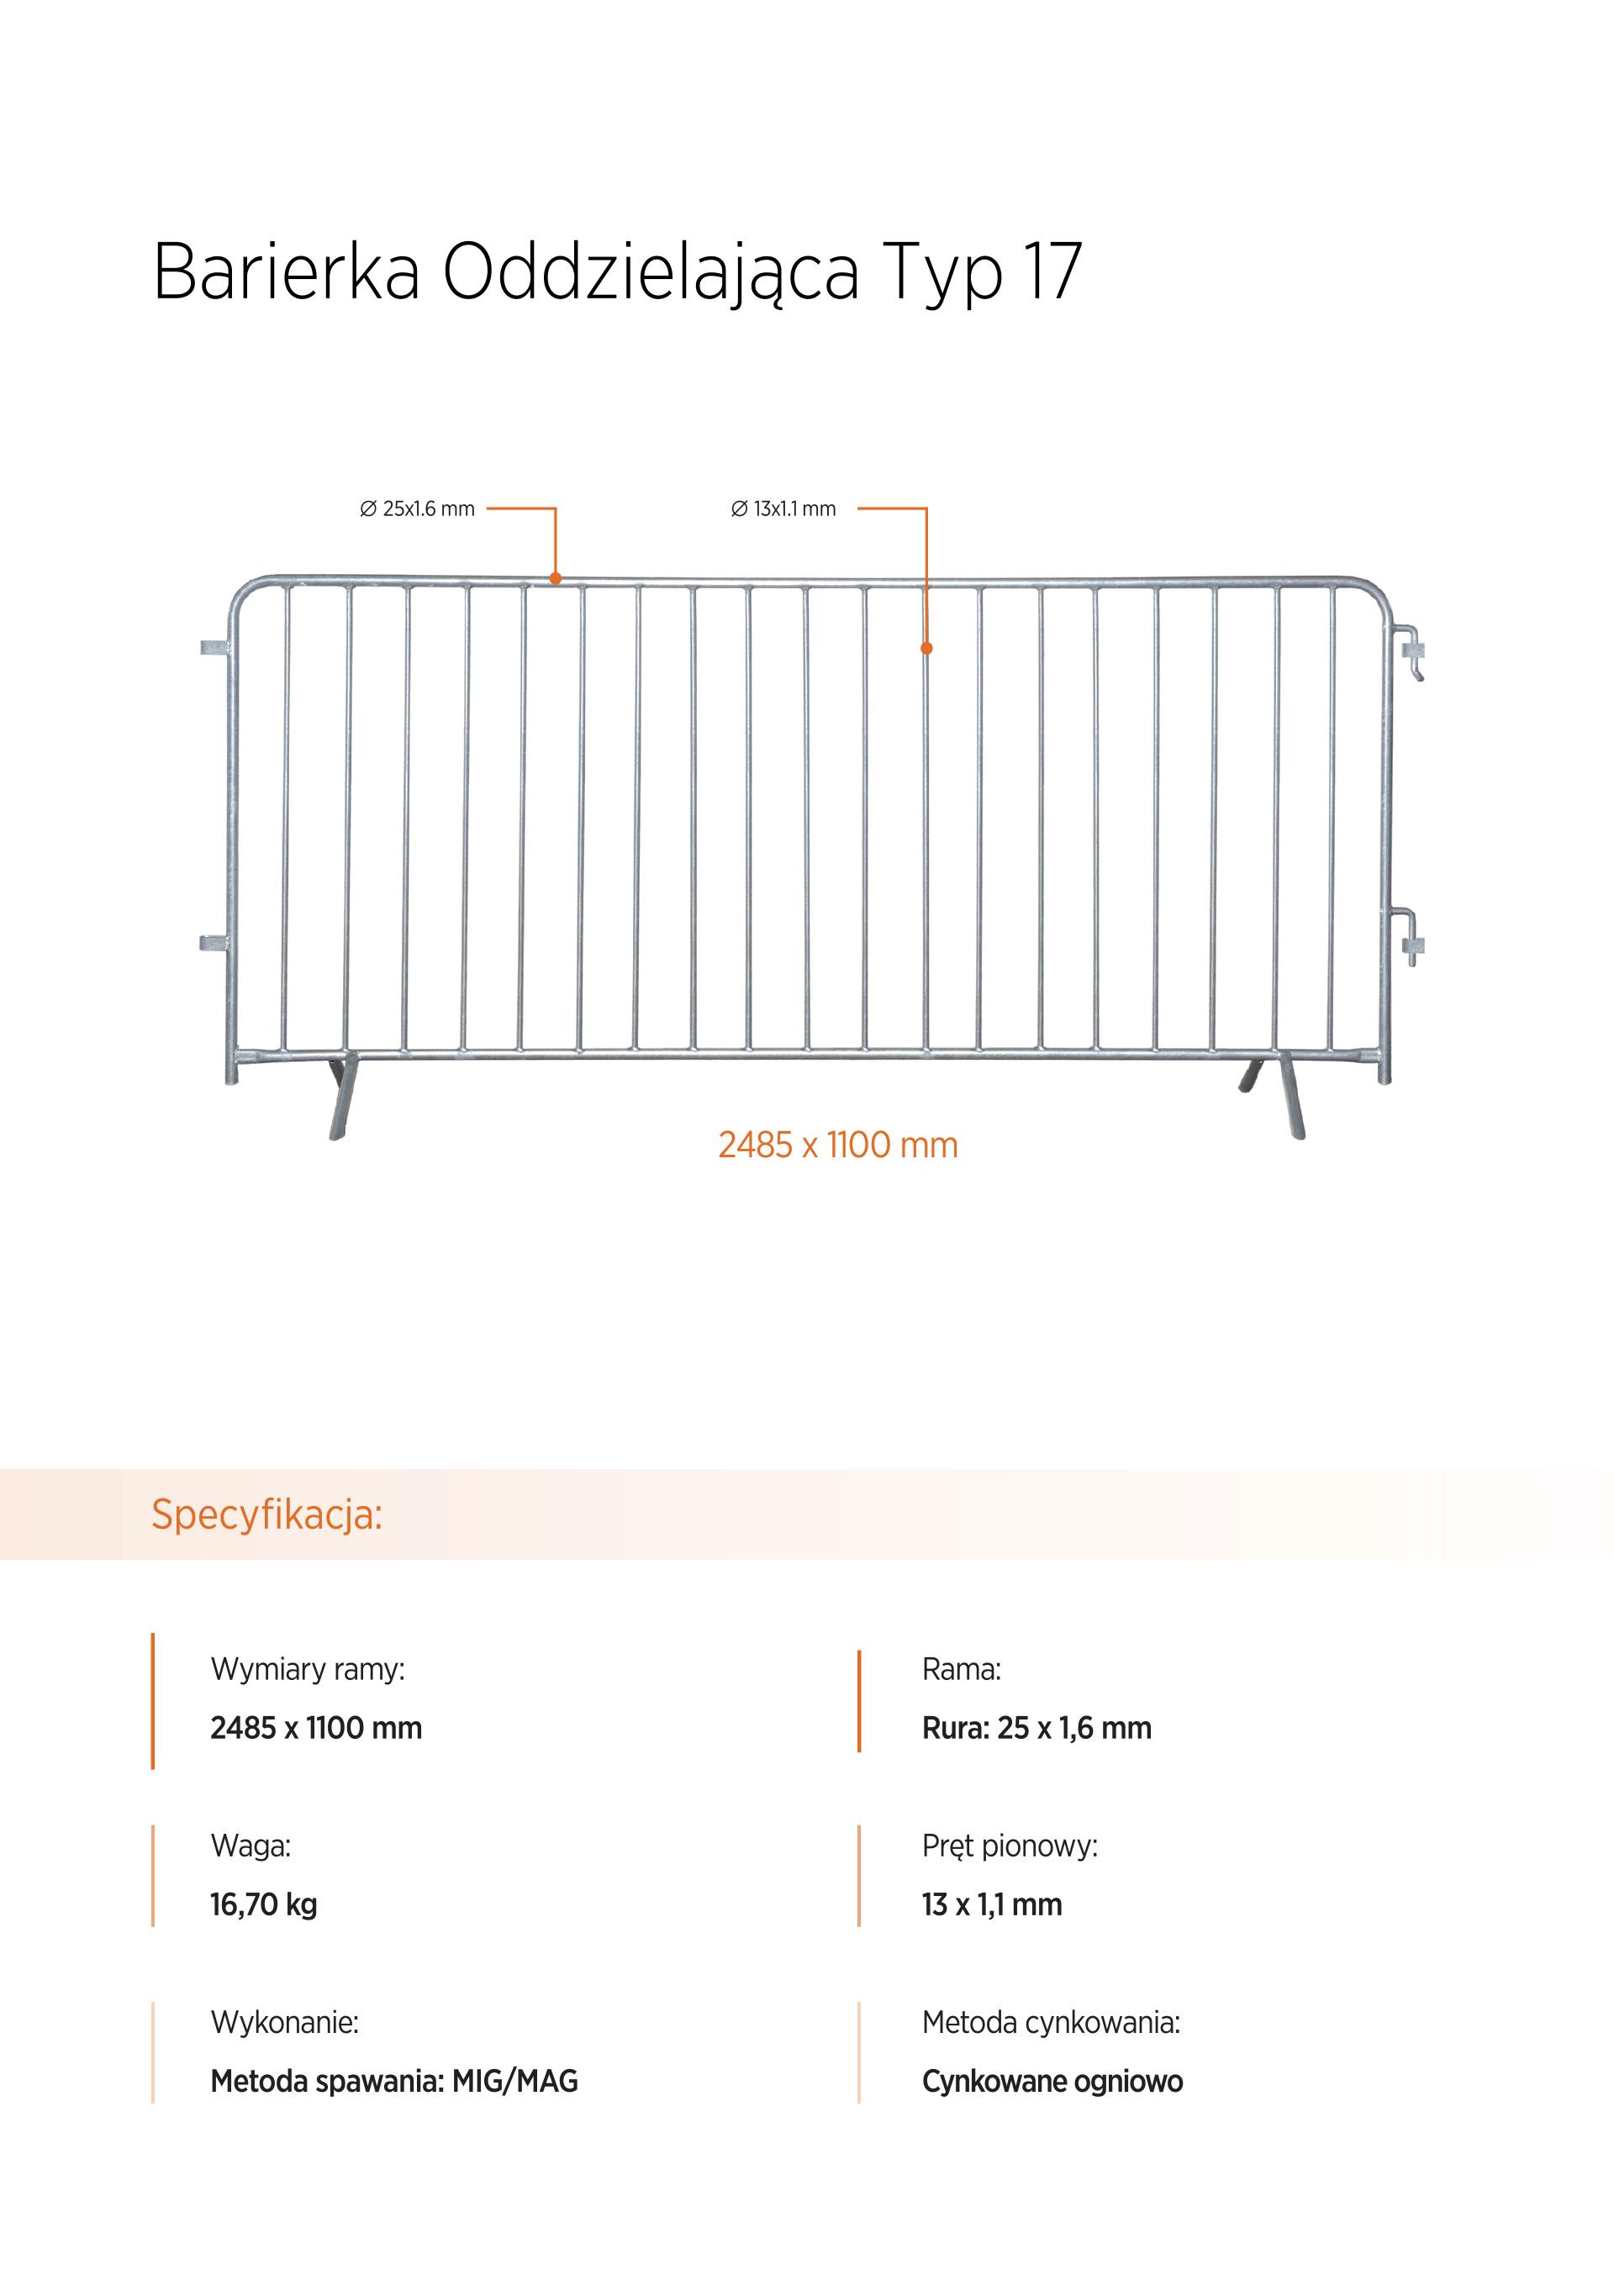 barierka eventowa - Ogrodzenia tymczasowe Piaseczno